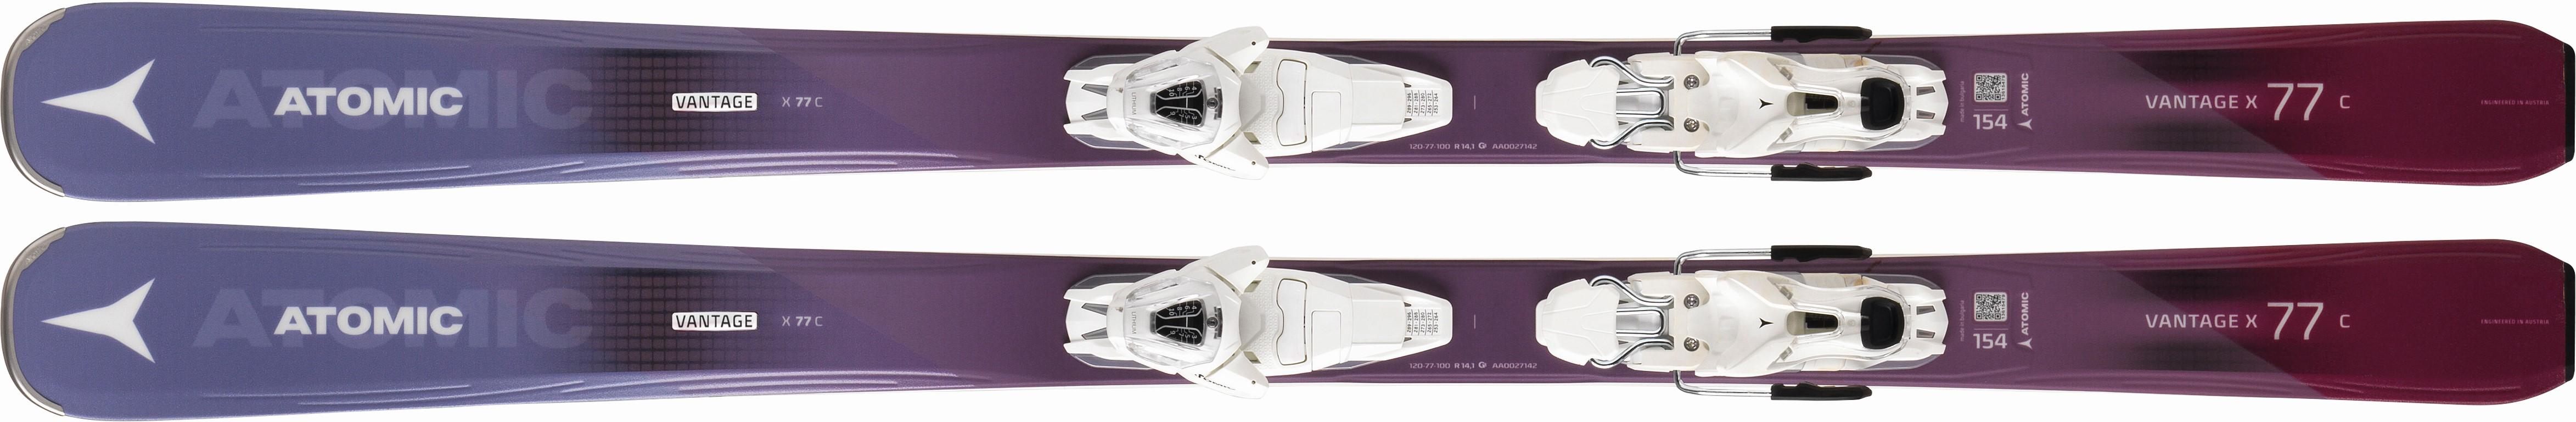 a80524090633 Горные лыжи ATOMIC (АТОМИК)  купить в интернет-магазине «Горные ...